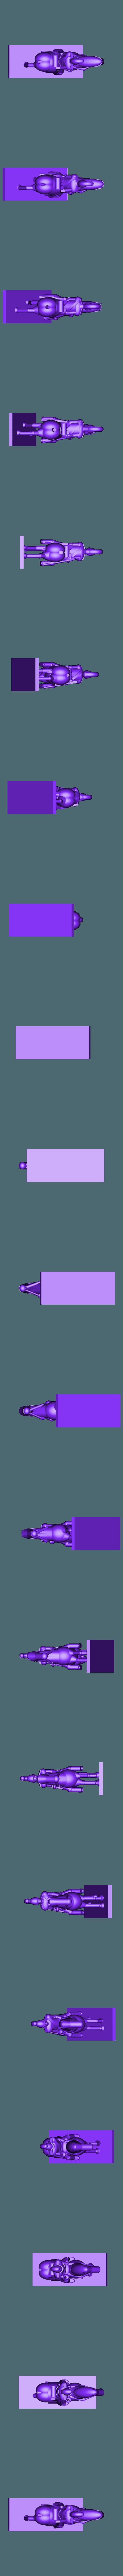 chev_l2_1.stl Télécharger fichier STL gratuit Napoléoniens - 2ème partie - Français / Alliés Cavalerie • Plan imprimable en 3D, Earsling